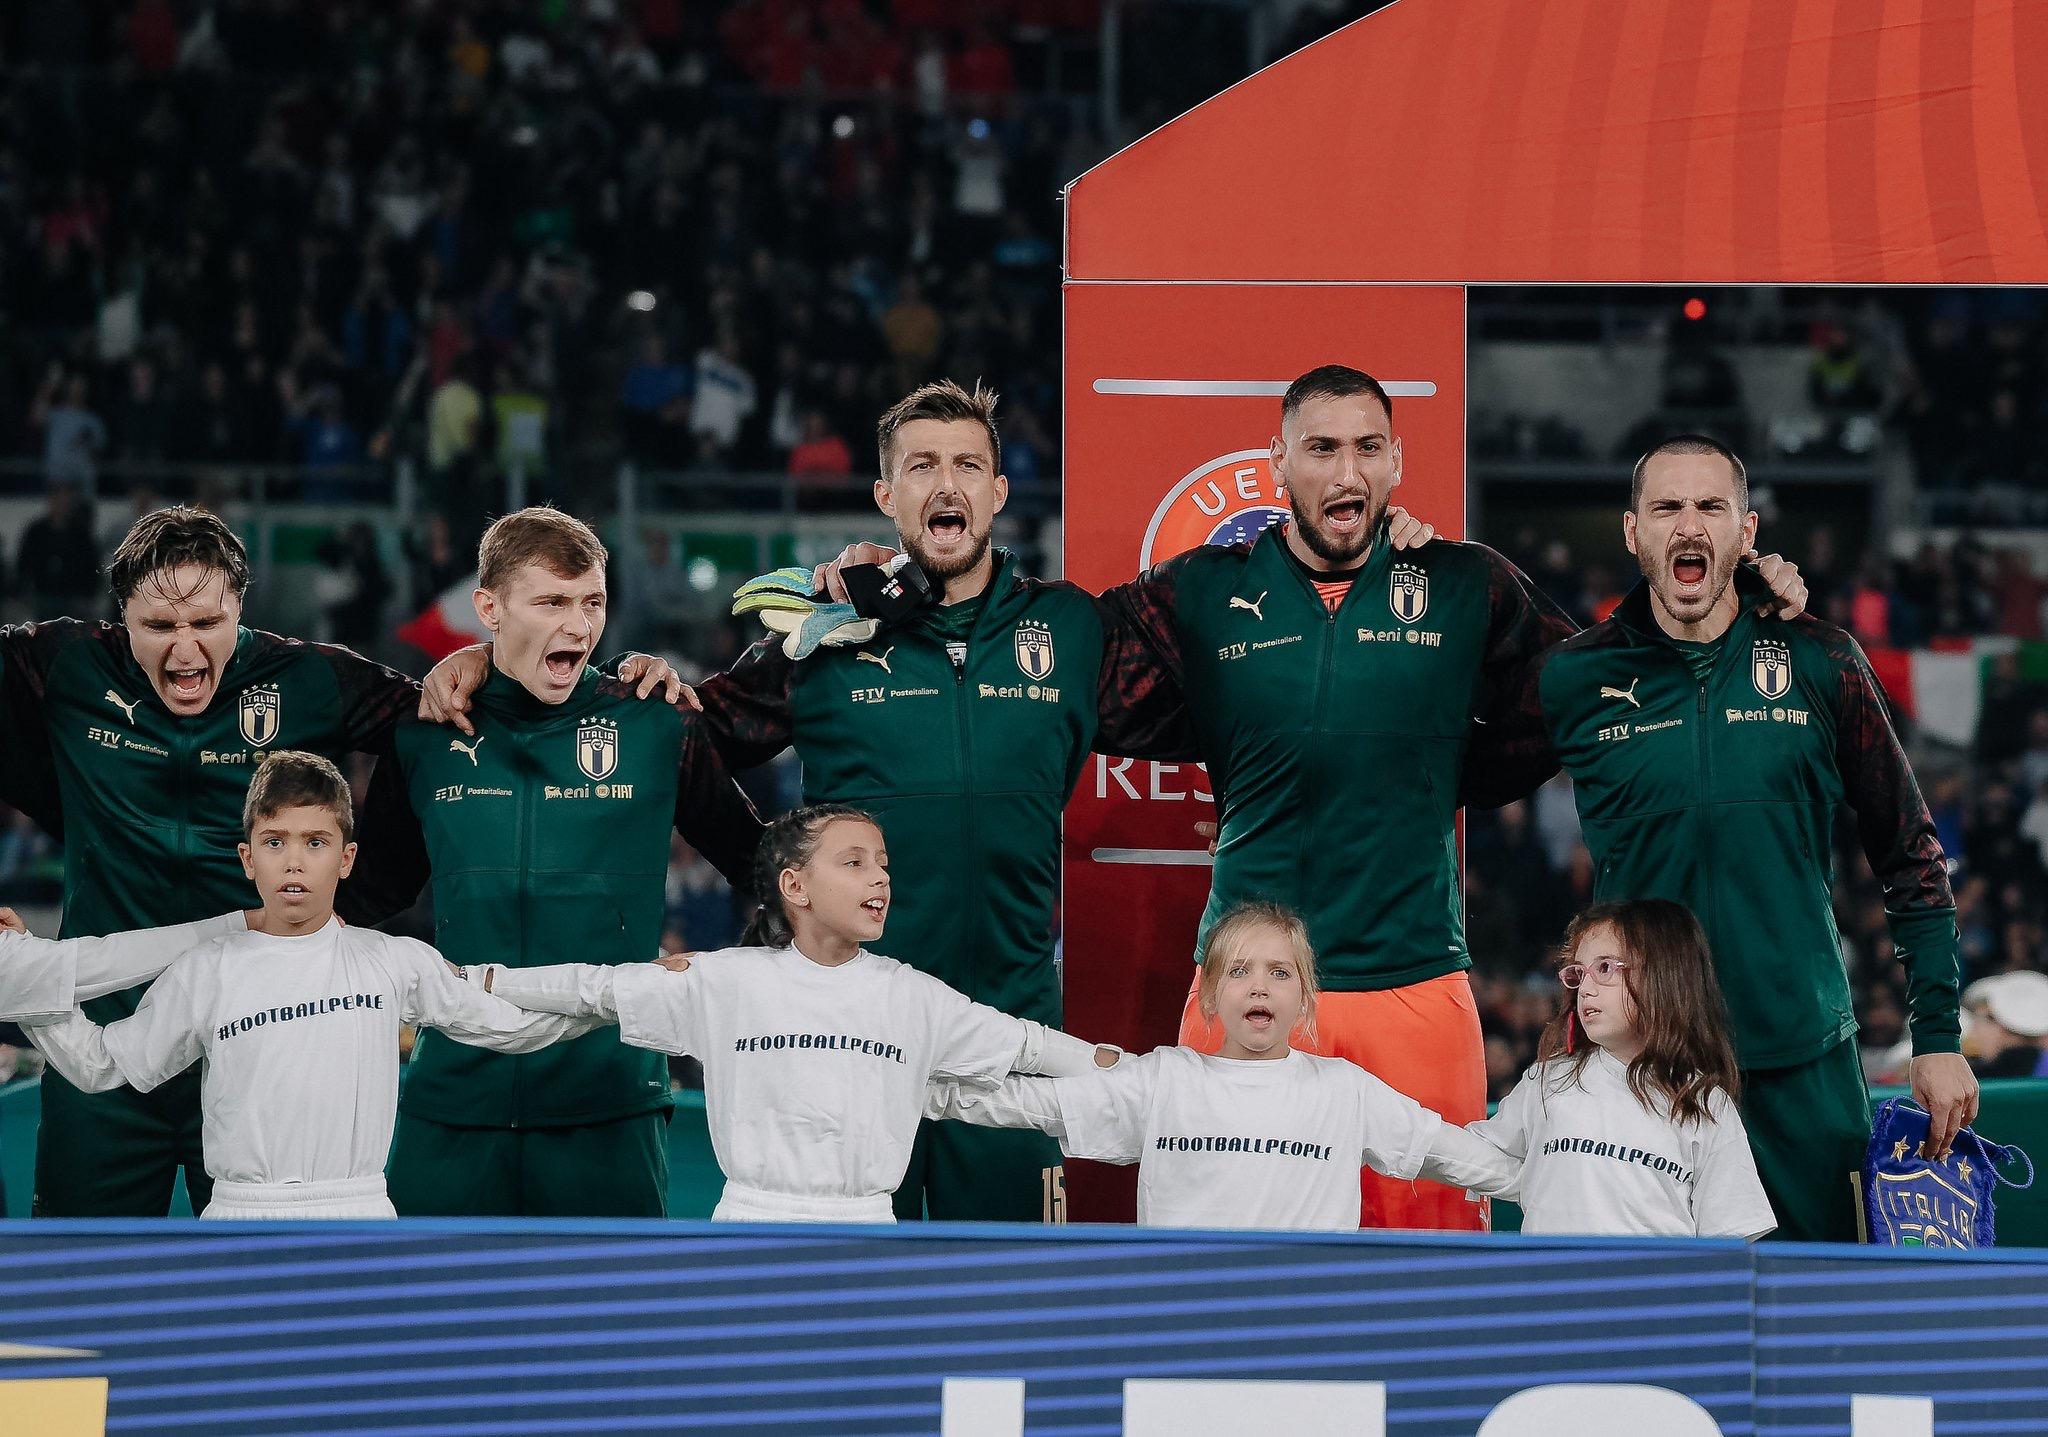 当意大利队开始唱国歌。。。